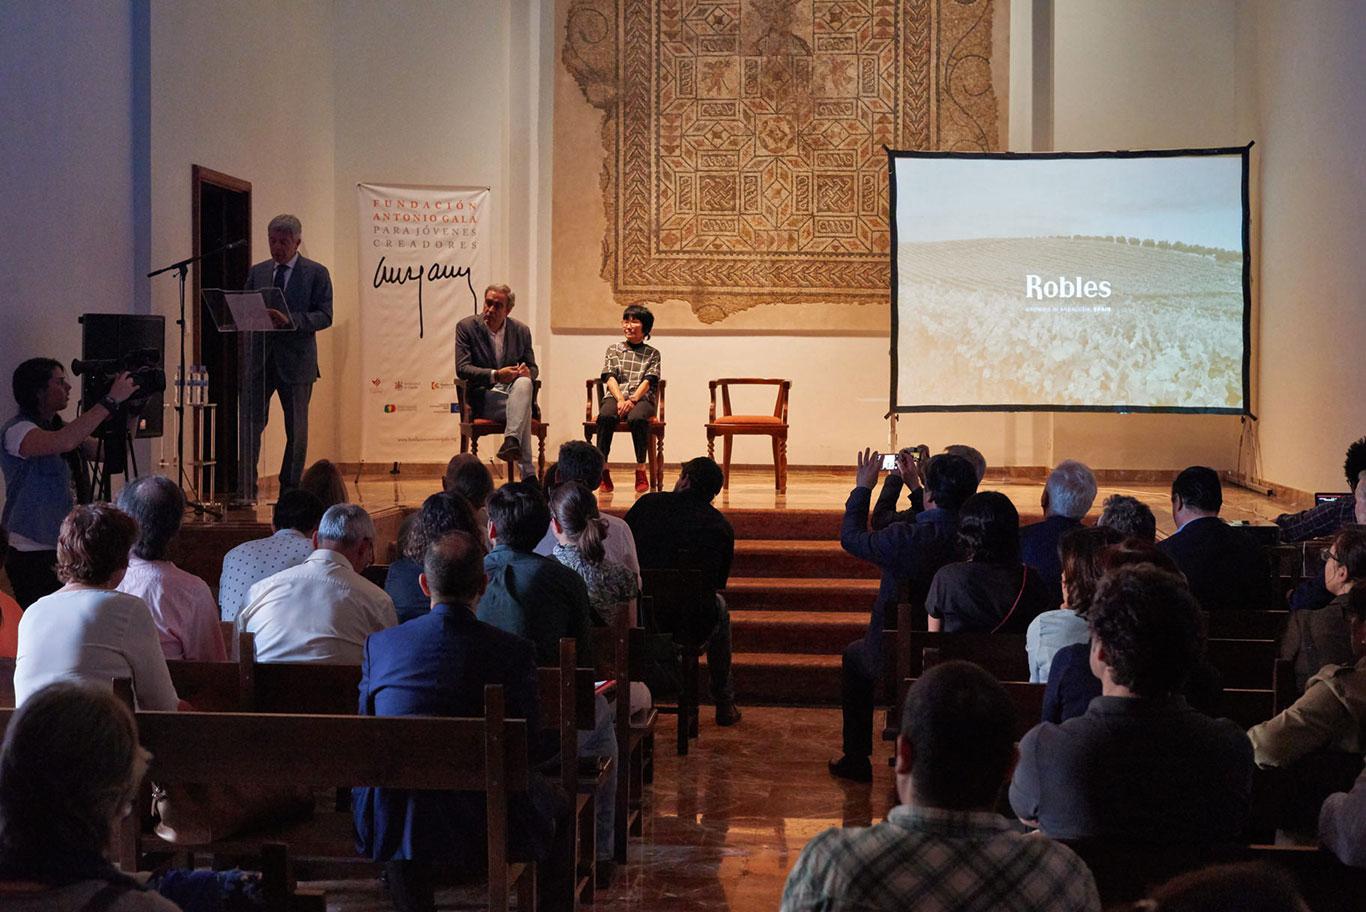 Francisco Robles presentando Japón descubre Bajoflor en la Fundación Antonio Gala Fundación Antonio Gala para Jóvenes Creadores